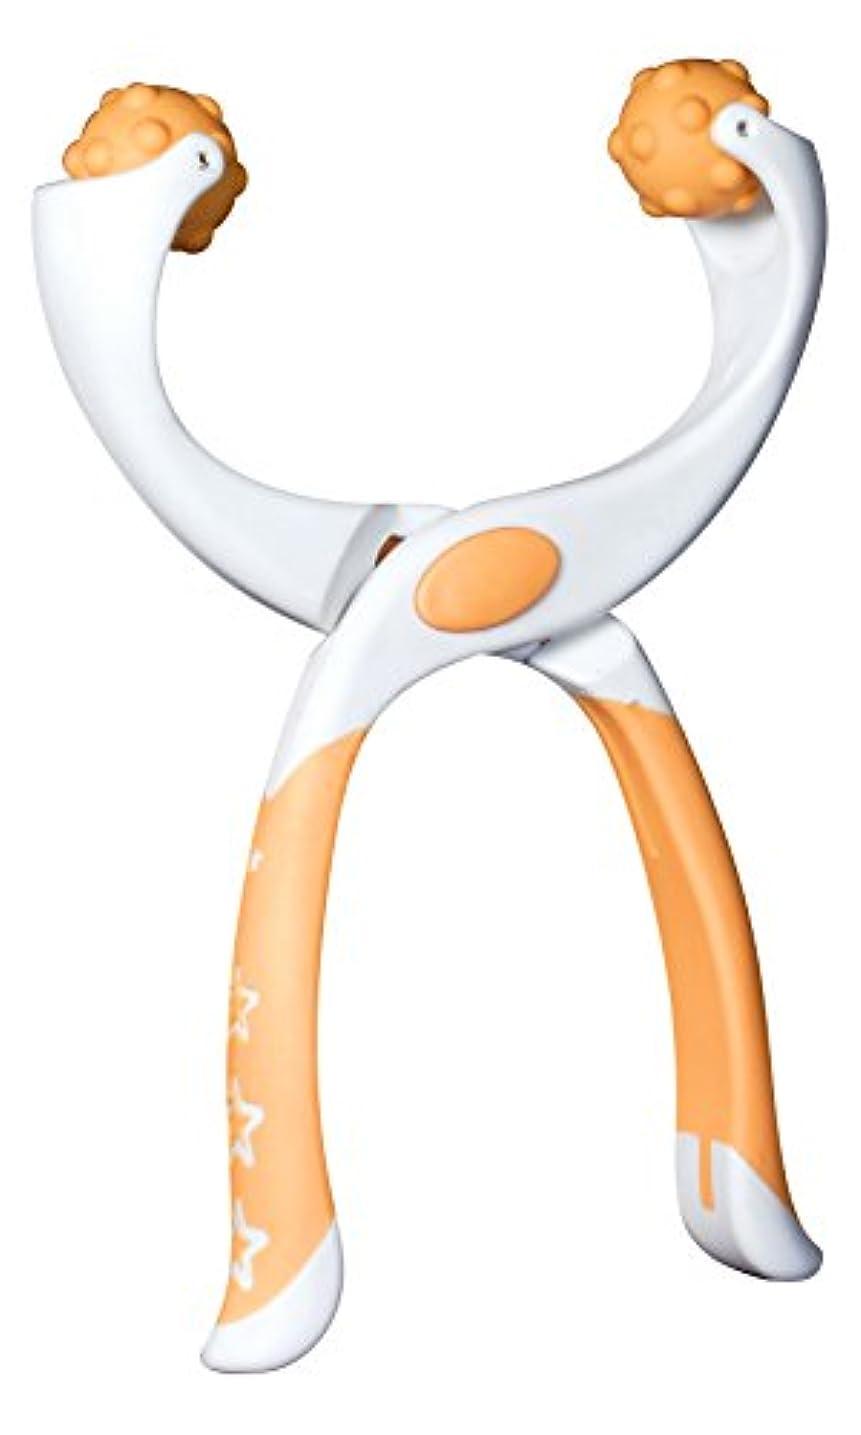 デコードする強制的なめるつまんdeペンチ ツボ押し【足用】 オレンジ ポーチ付き「職場で使える軽くて持ち運べるマッサージ機」